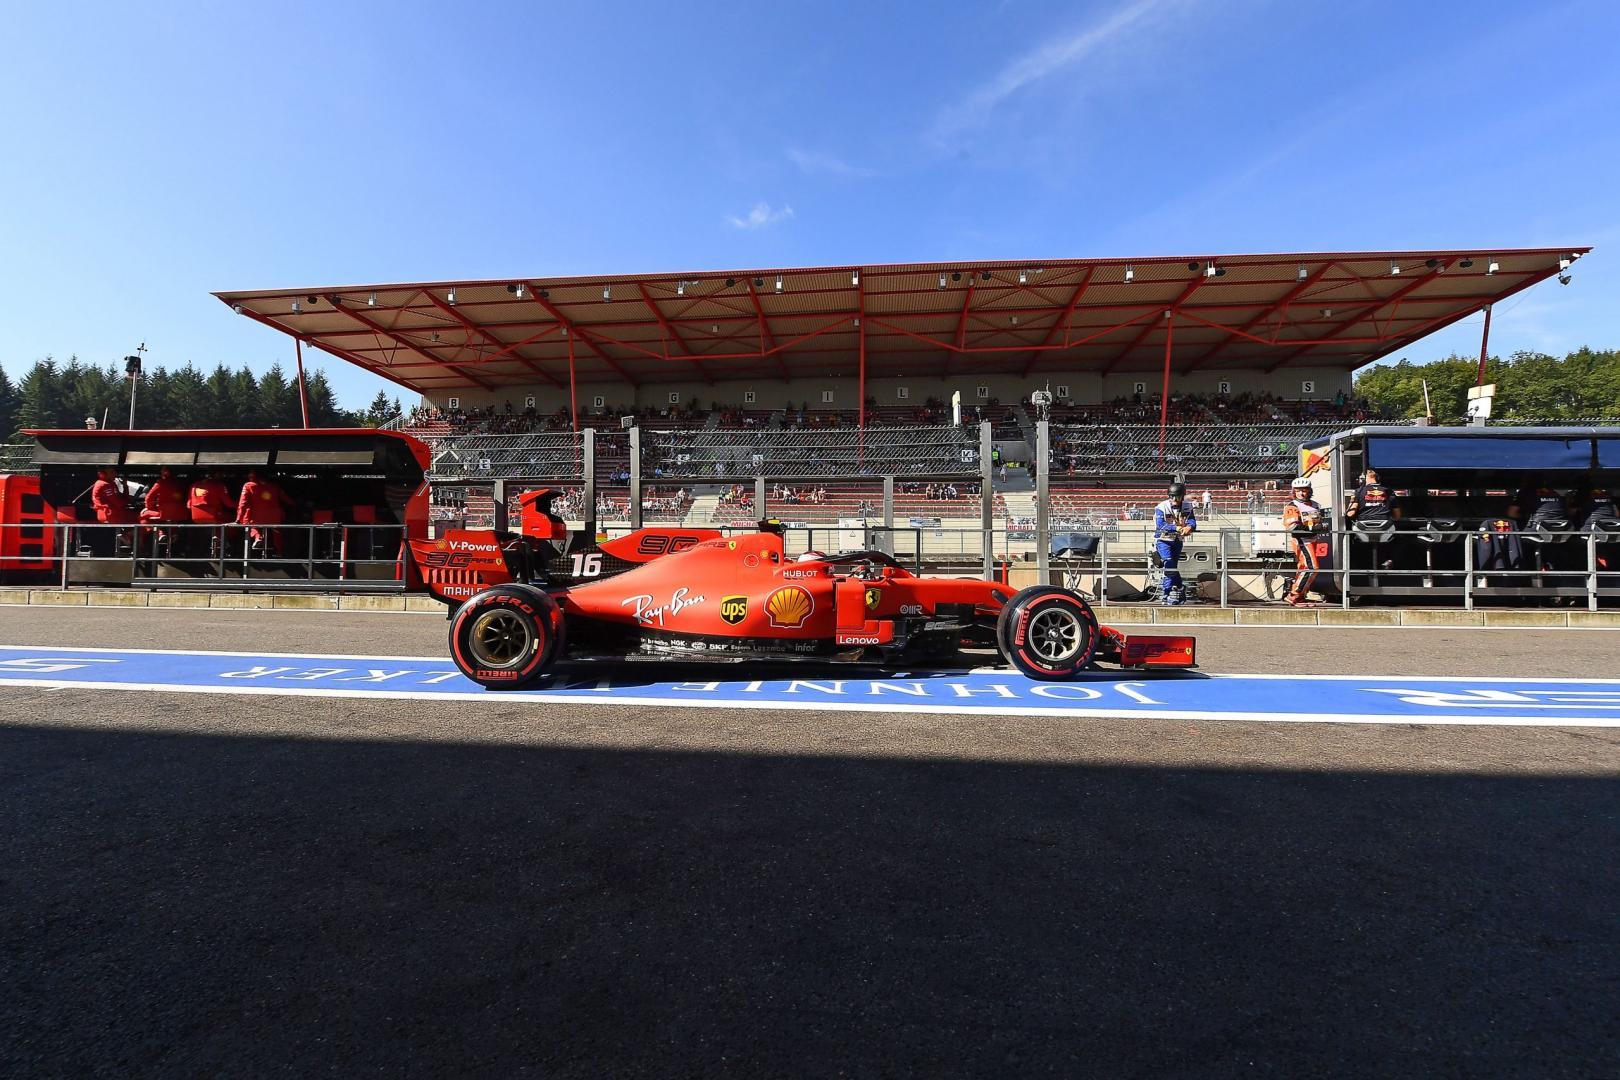 3e vrije training van de GP van België 2019